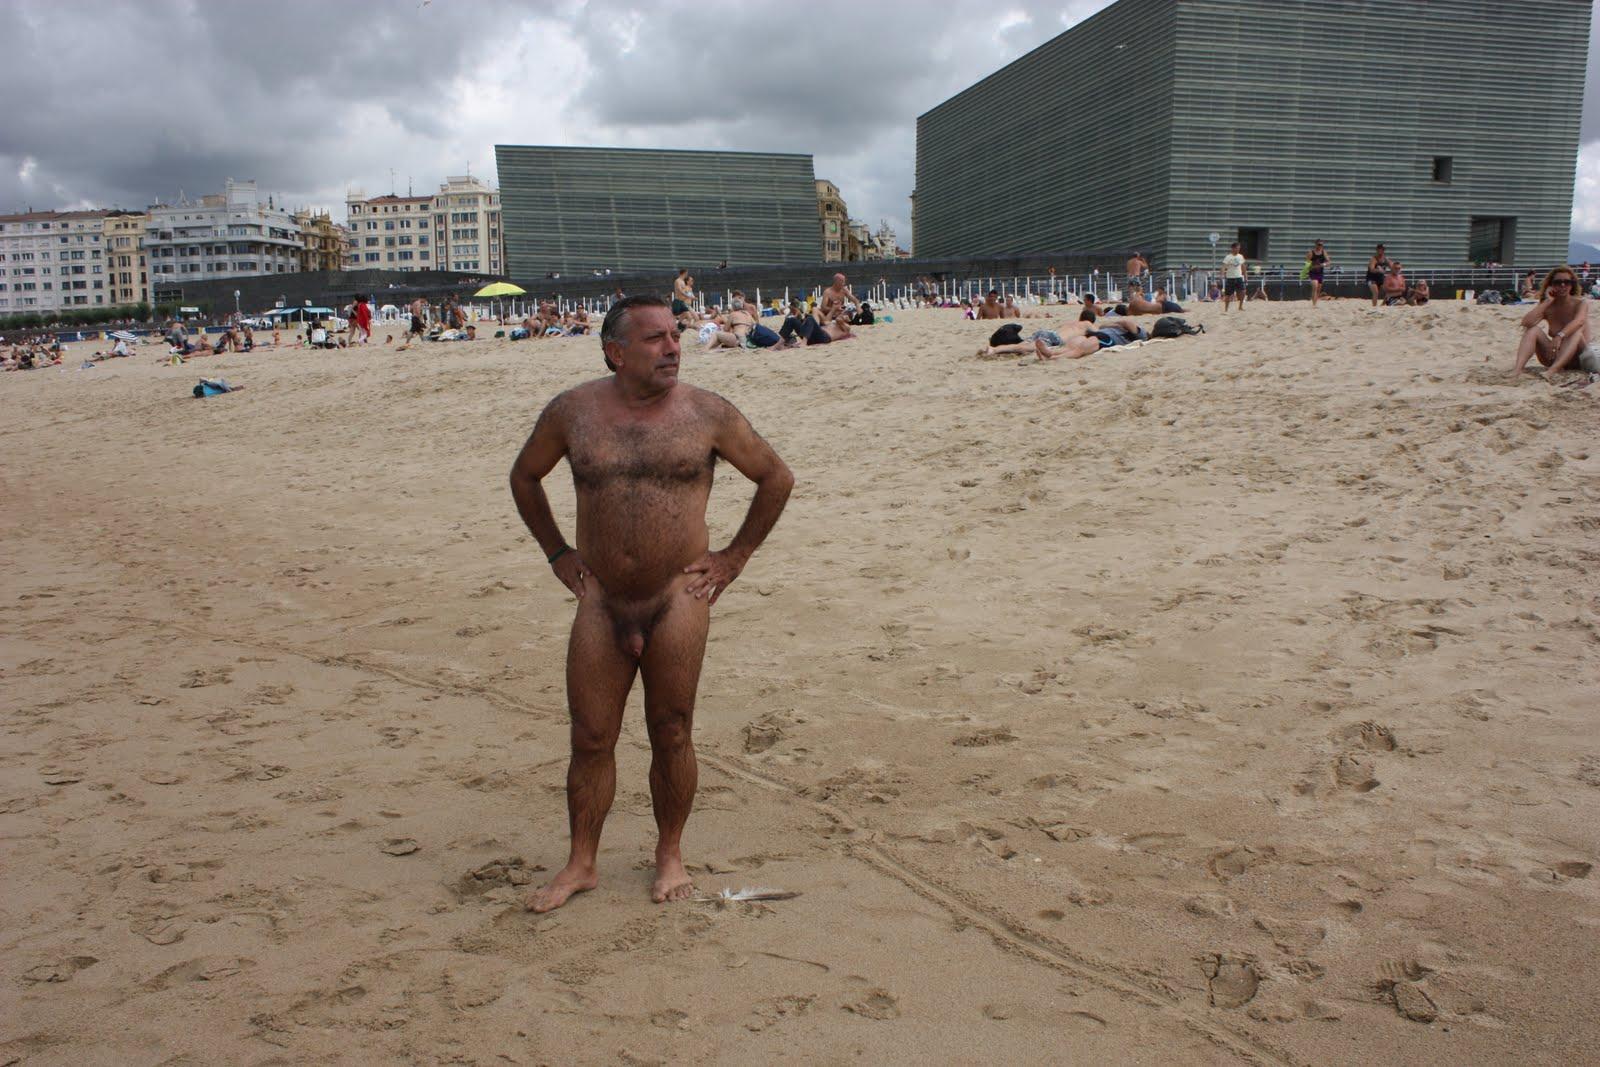 Videos eroticos en playas nudistas gratis Vdeo de sexo